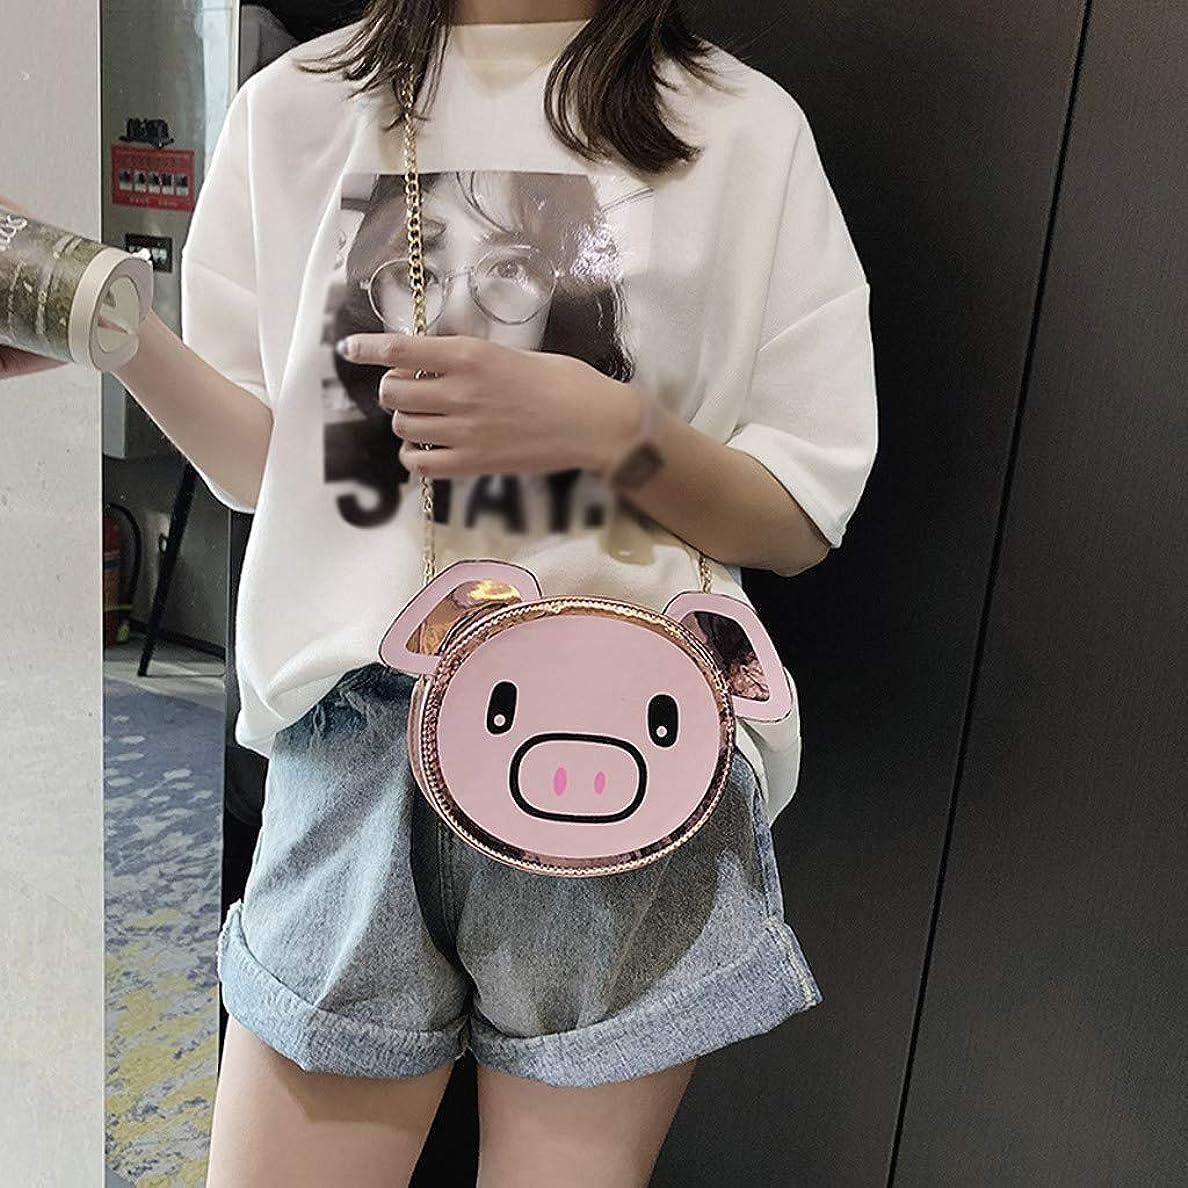 極めて重要な猫背誤解するファッション女の子革チェーン野生のかわいい漫画豚肩メッセンジャーバッグ、女の子チェーン野生のかわいい豚肩メッセンジャーバッグ (ピンク)